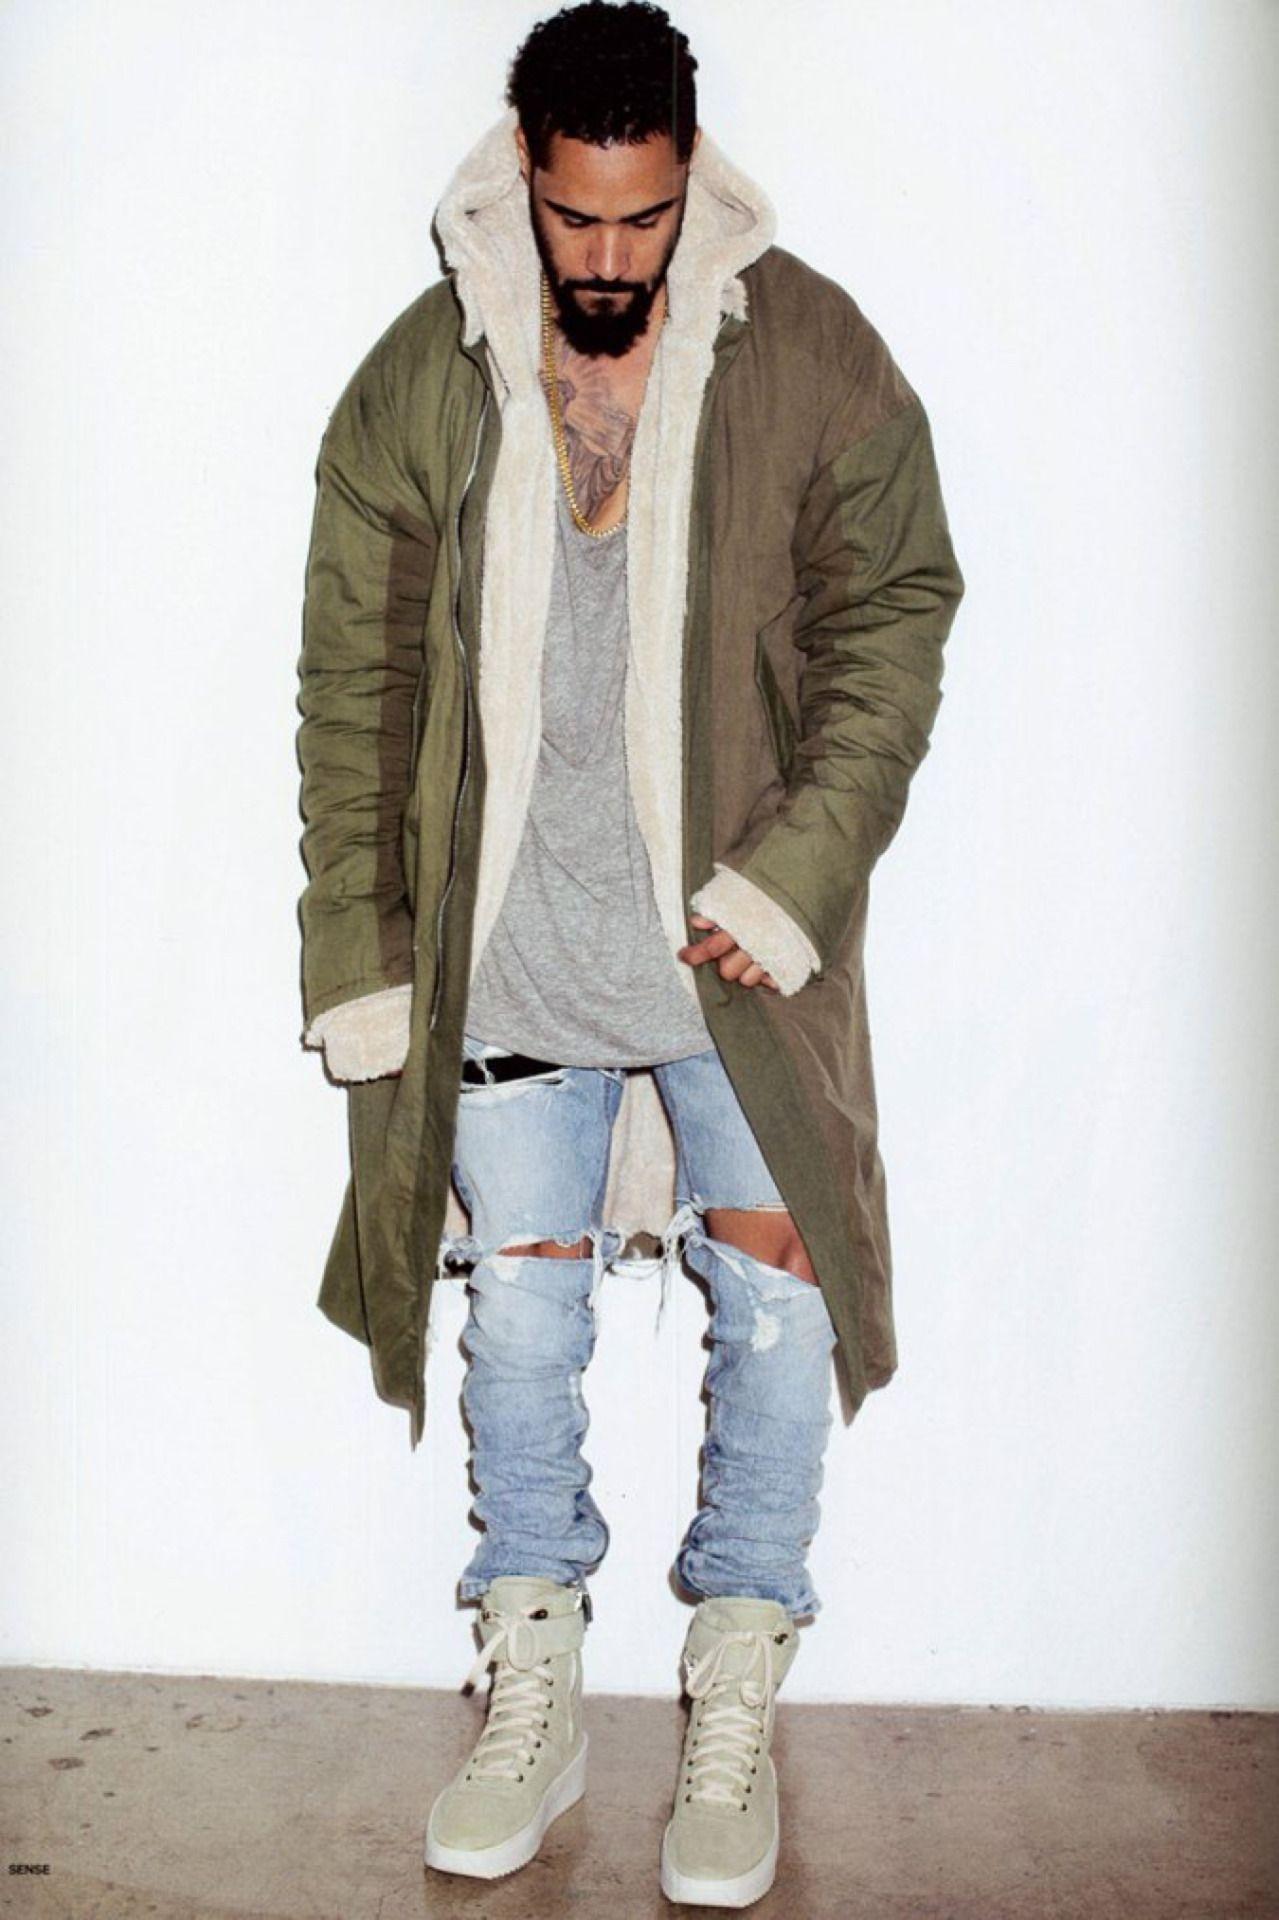 Stefanwear Moda Hombre Invierno Ropa Casual Hombres Estilo De Ropa Hombre